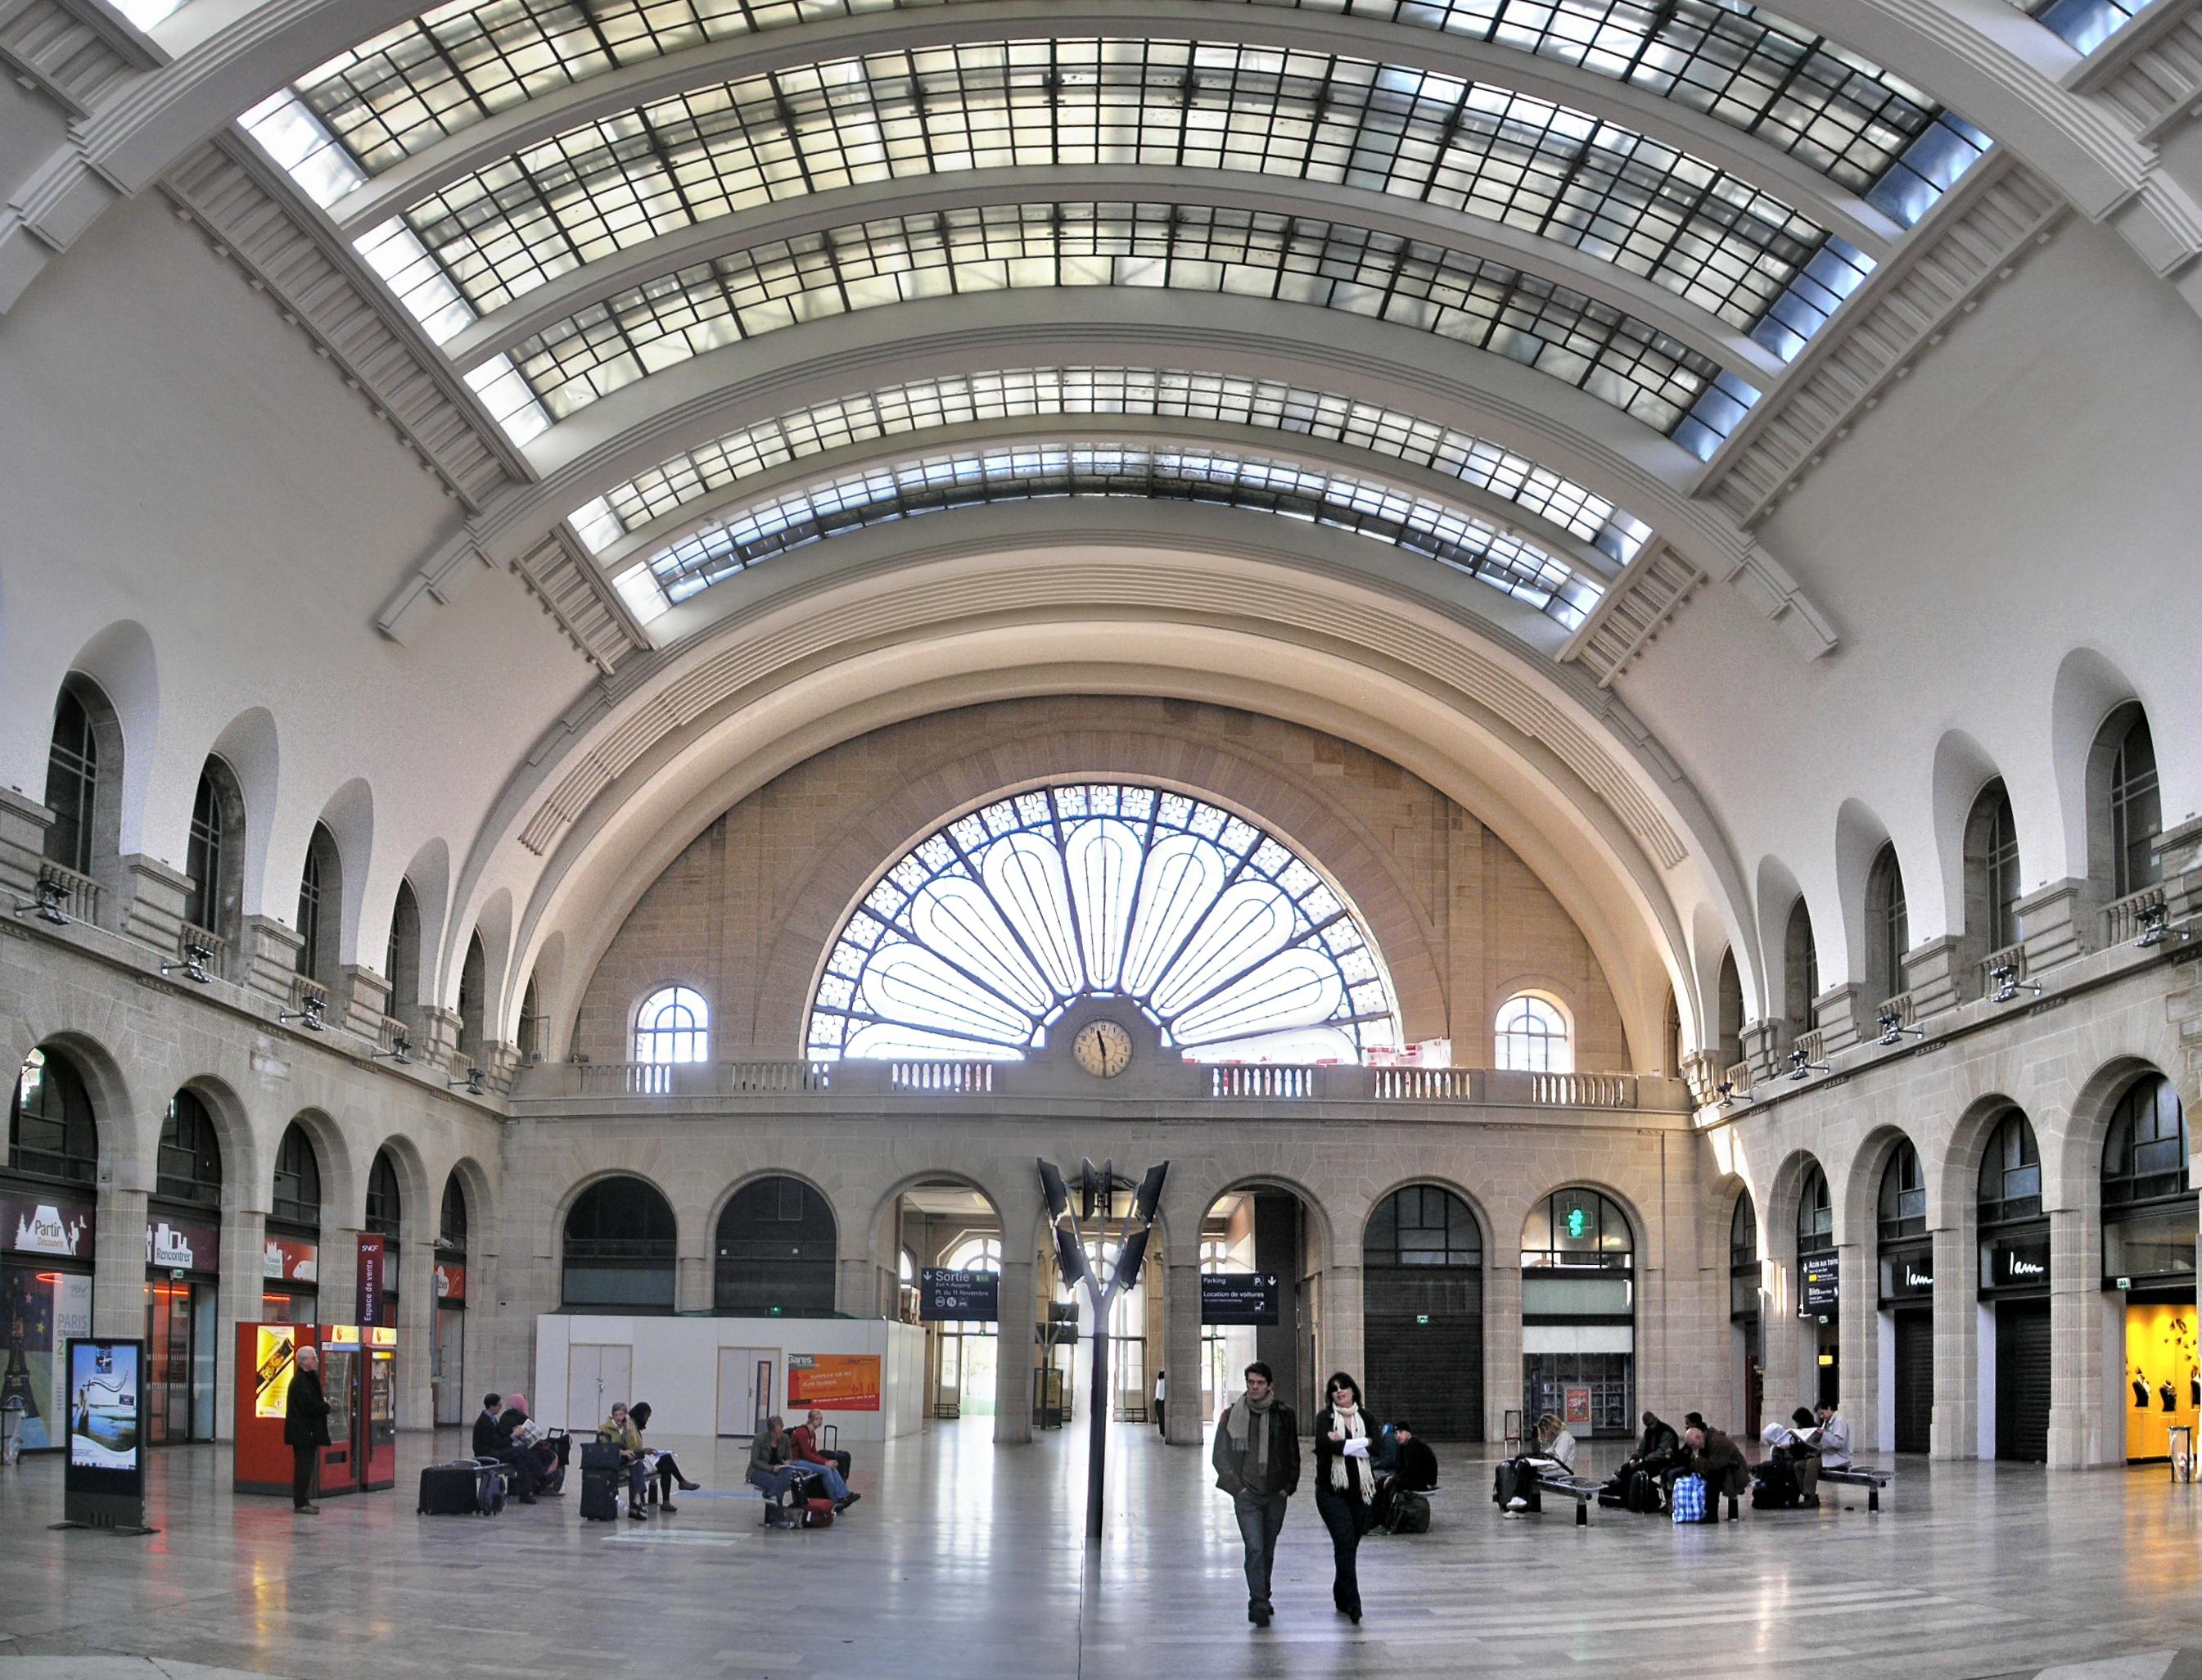 Gare_de_l'Est_Paris_2007_a4